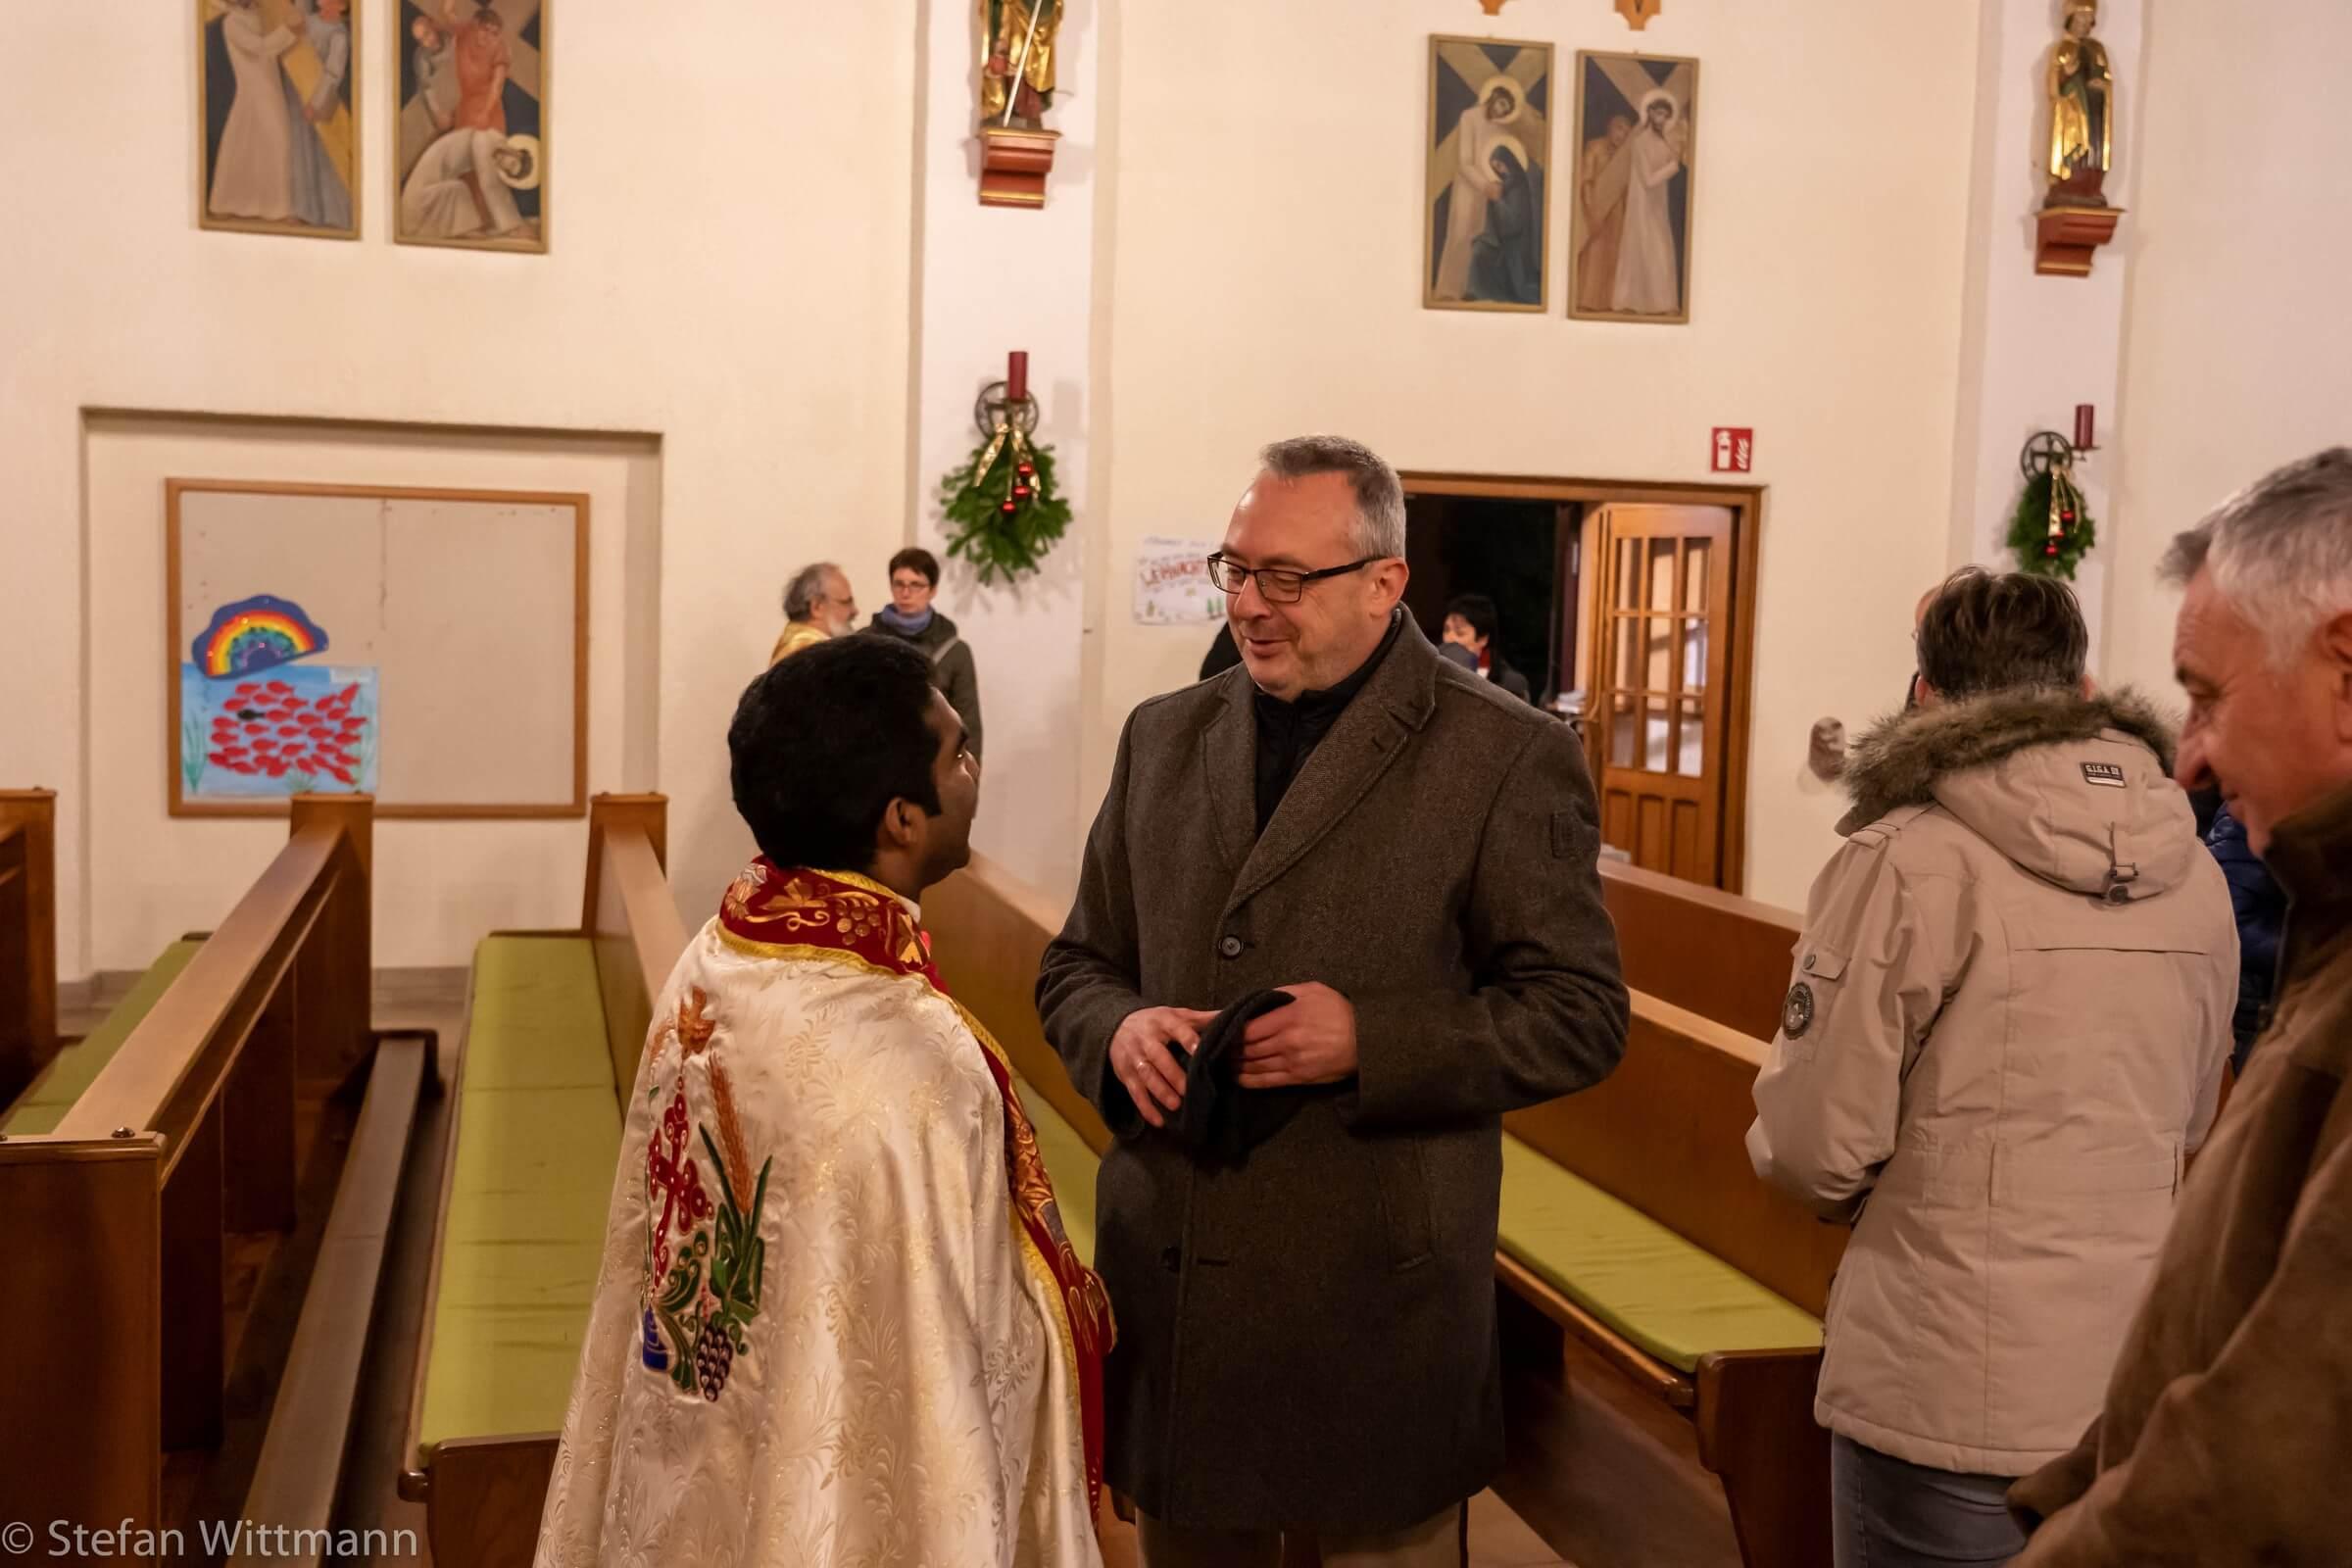 20181230-10 Jahre Priester Joseph - von Wittmann Stefan 20181230181442-DSC02000